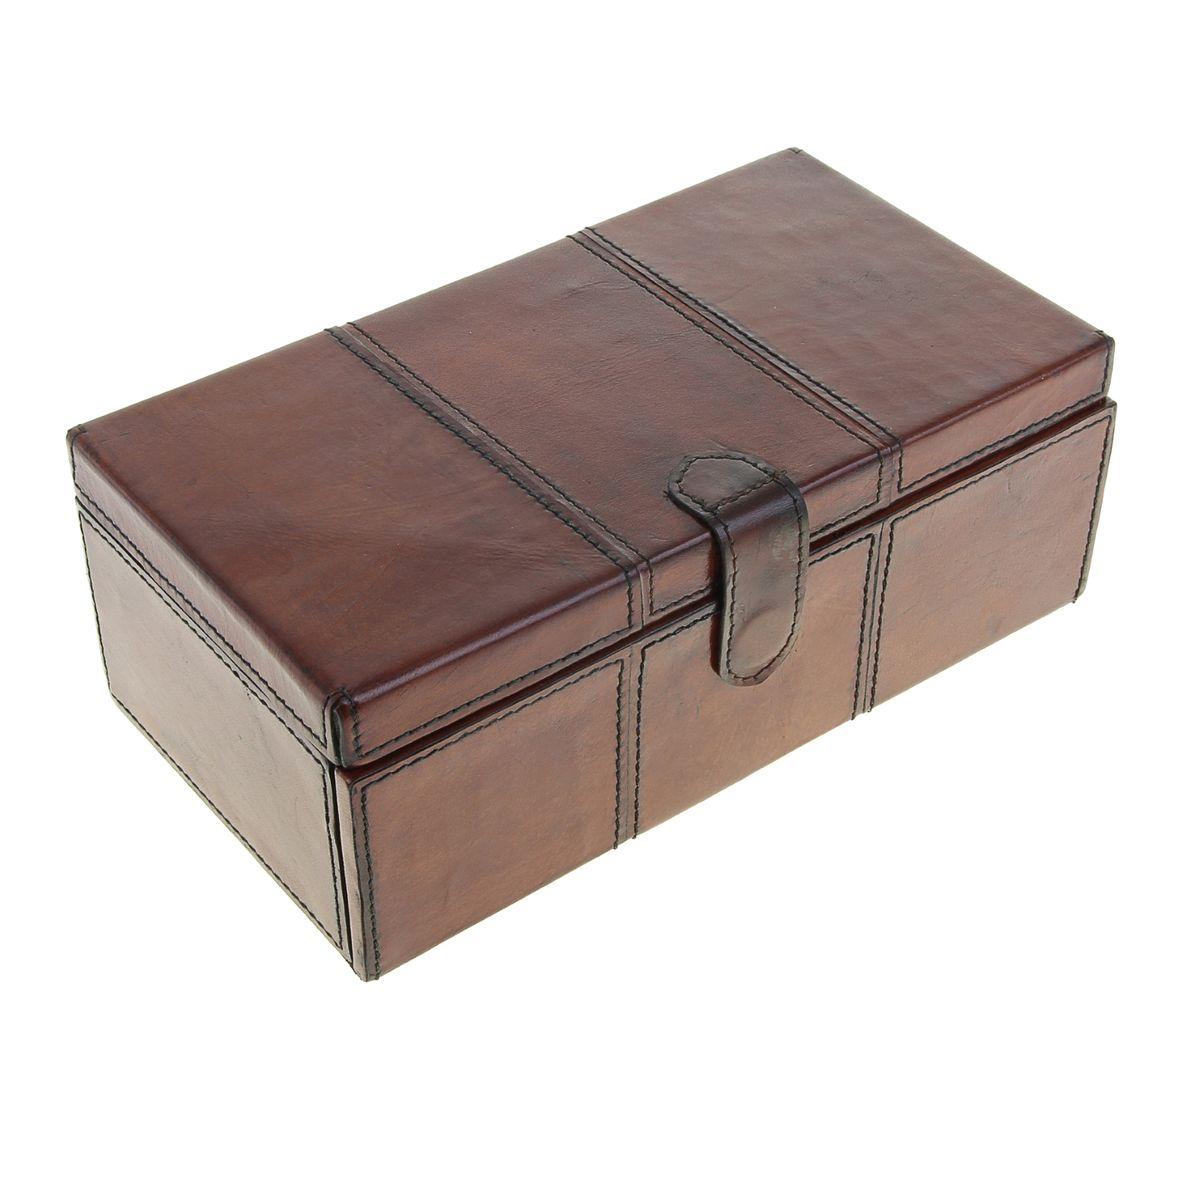 Шкатулка Sima-land, цвет: коричневый, 28,5 см х 15,5 см х 11 см699573Великолепная шкатулка Sima-land для бижутерии не оставит равнодушной ни одну любительницу изысканных вещей. Шкатулка выполнена в виде сундучка из МДФ, обтянутого кожей буйвола. Внутренняя поверхность шкатулки отделана текстилем бежевого цвета. Шкатулка закрывается на магнитный замок. Внутри имеется четыре отделения, одно из которых закрывается на крышку. Внизу имеется два выдвижных потайных отделения. На внутренней стороне крышки имеется зеркальце. Сочетание оригинального дизайна и функциональности сделает такую шкатулку практичным, стильным подарком и предметом гордости ее обладательницы. Размер зеркала: 22 см х 9 см.